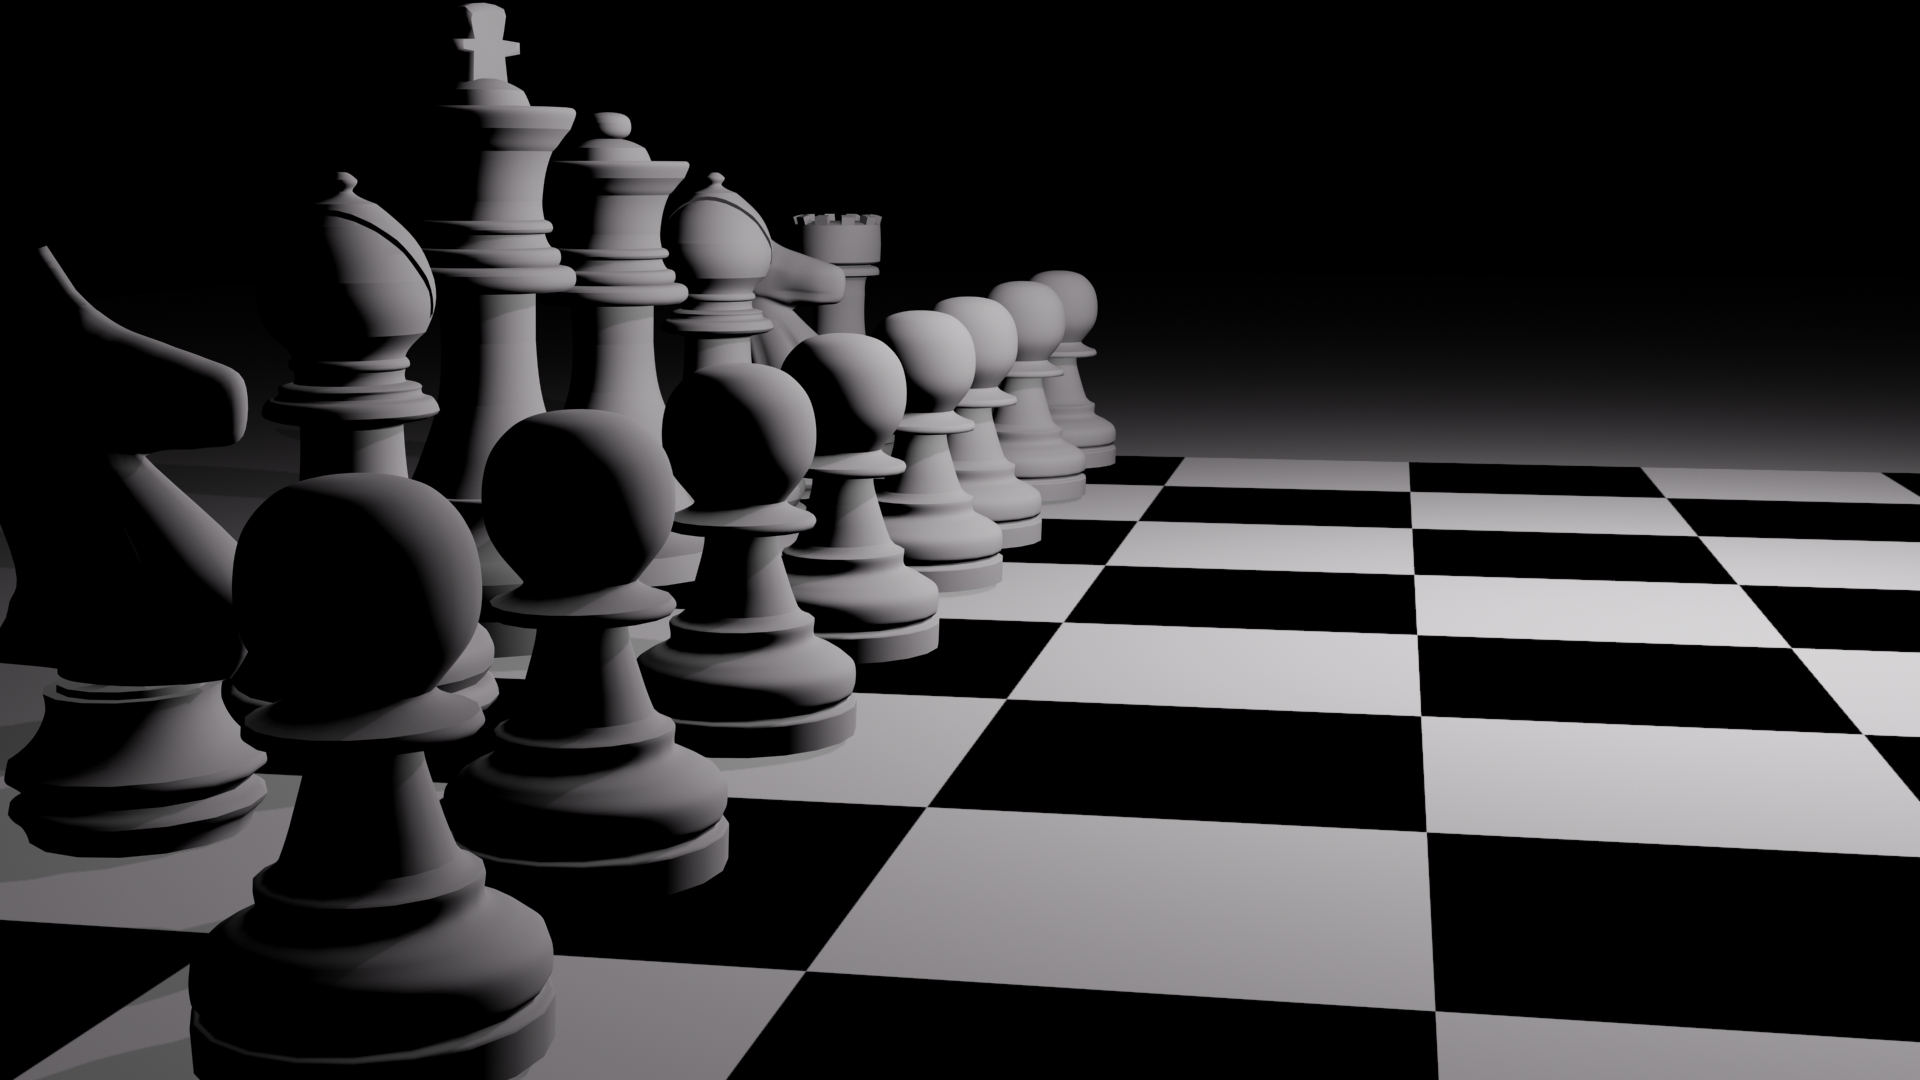 BootChess, loja e shahut me sasinë më të vogël1